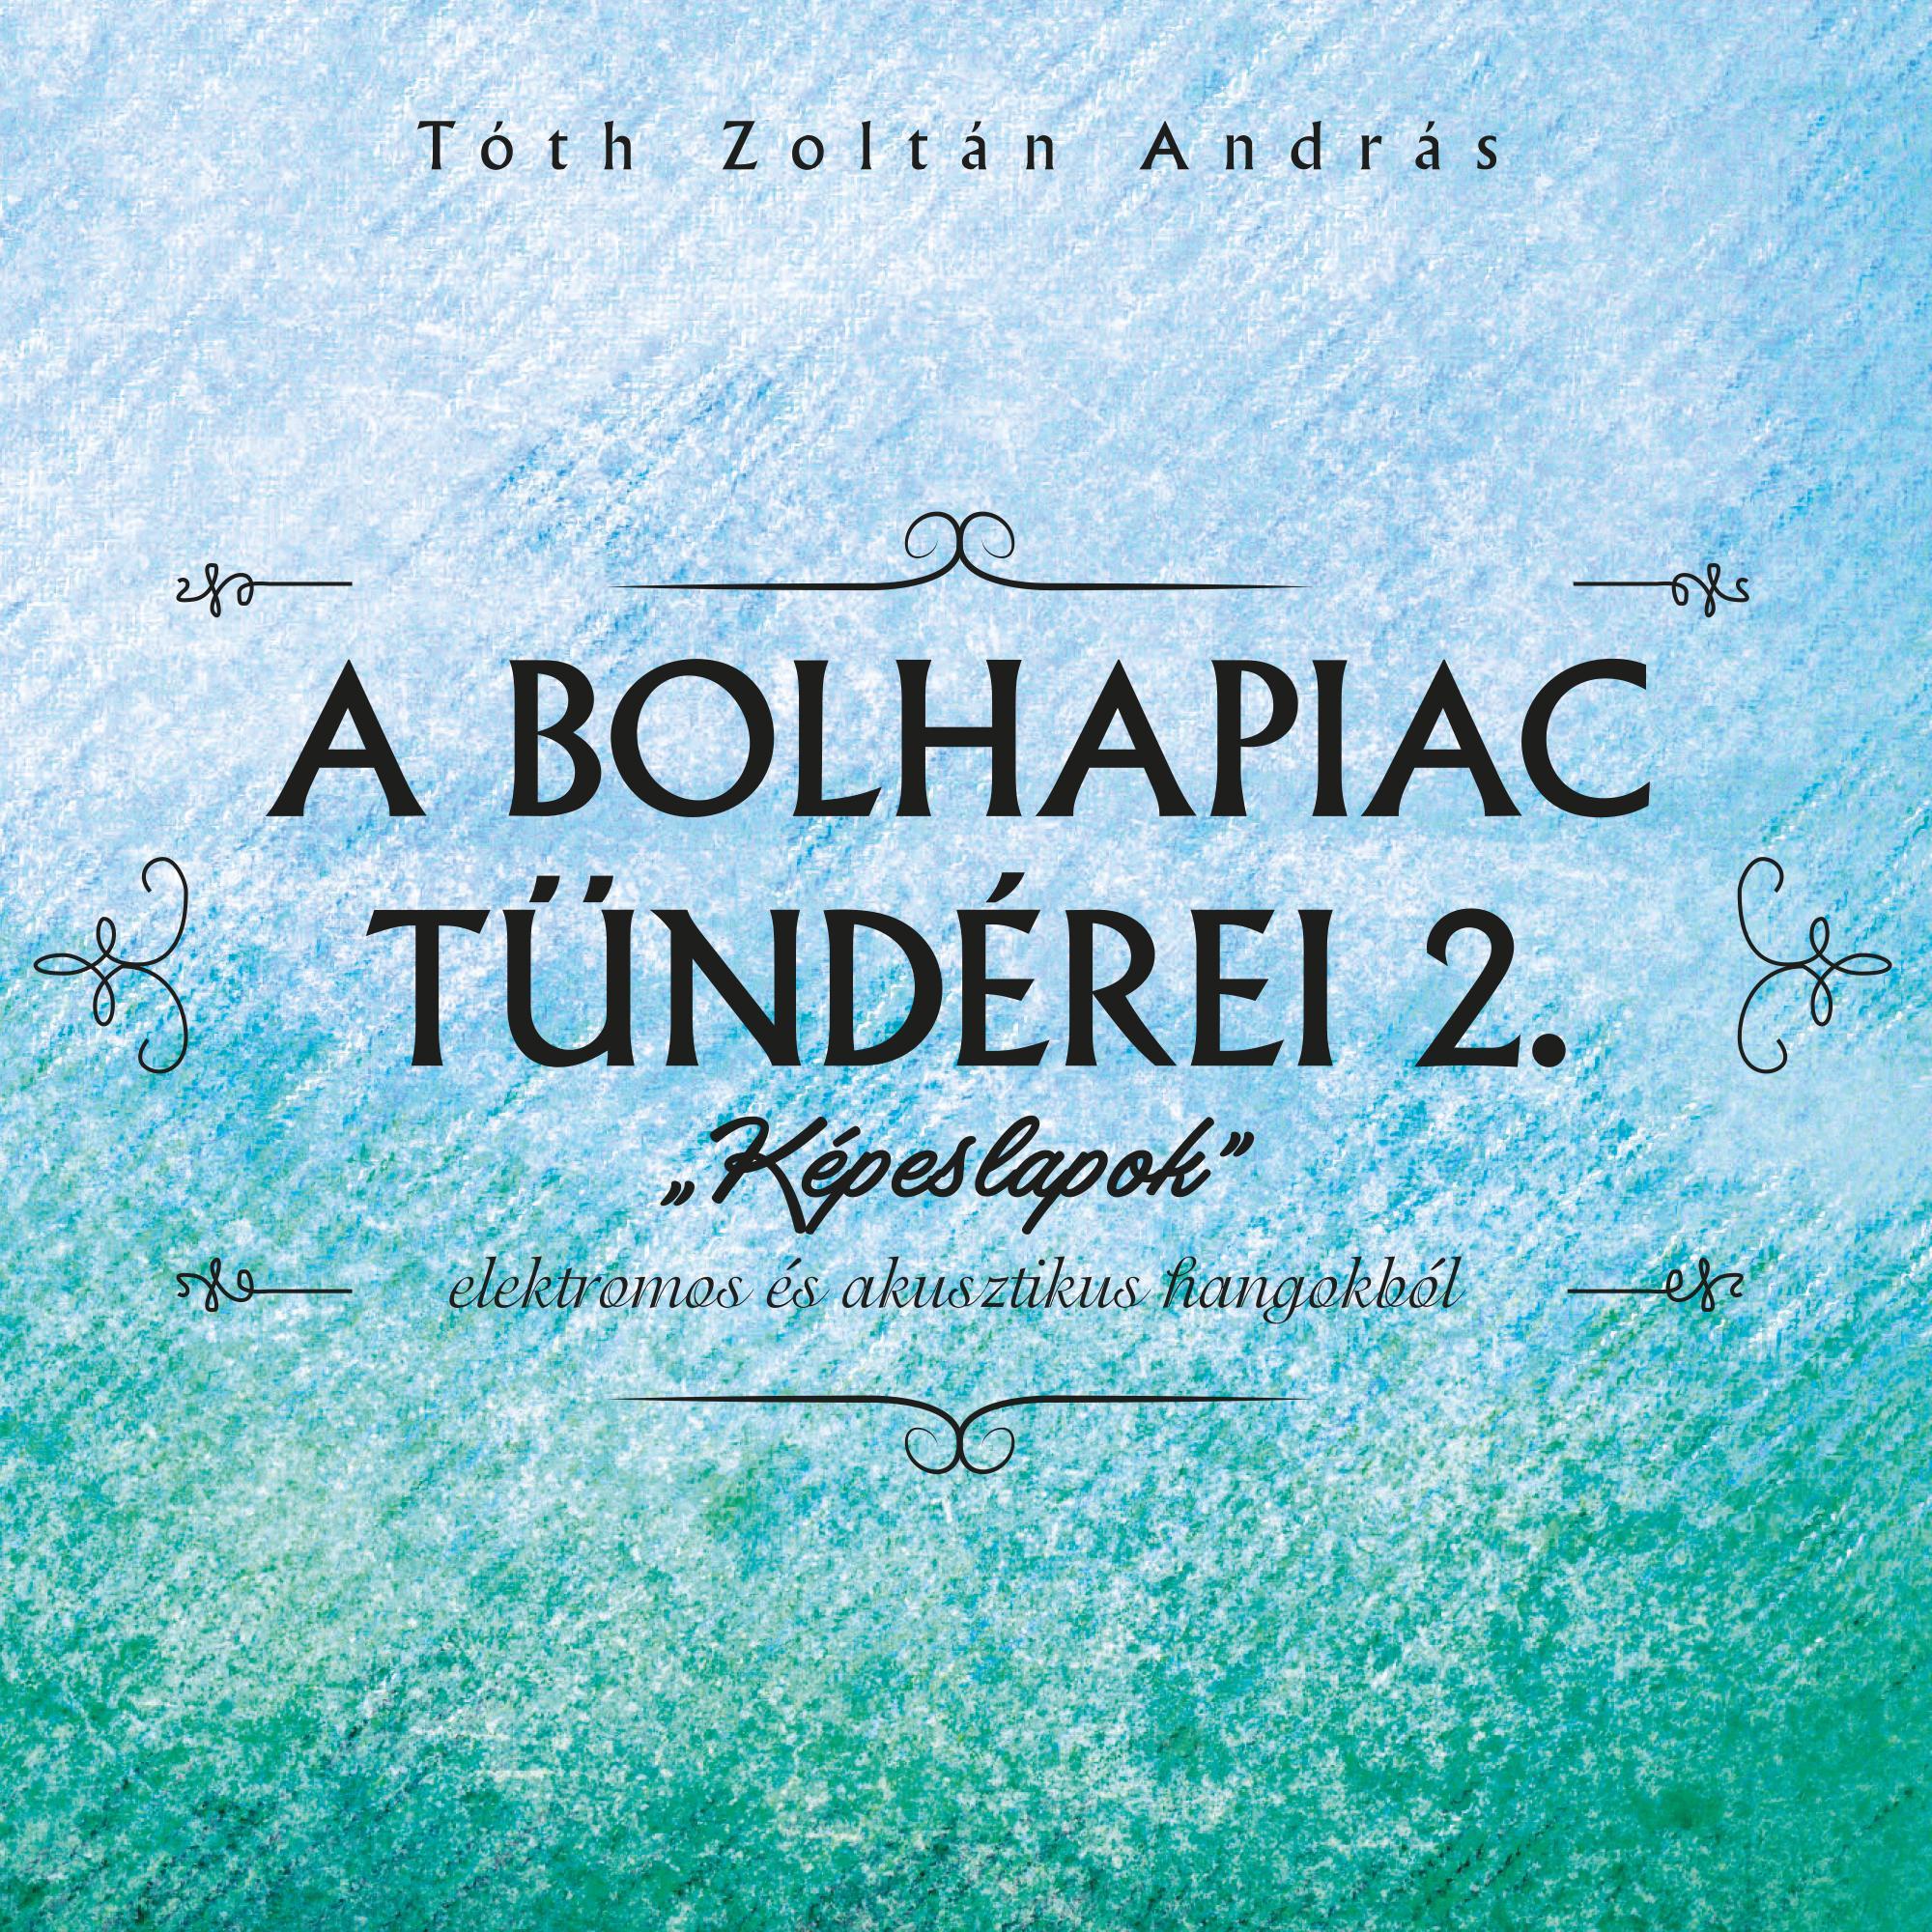 """TÓTH ZOLTÁN - A BOLHAPIAC TÜNDÉREI 2. """"KÉPESLAPOK"""" - CD -"""